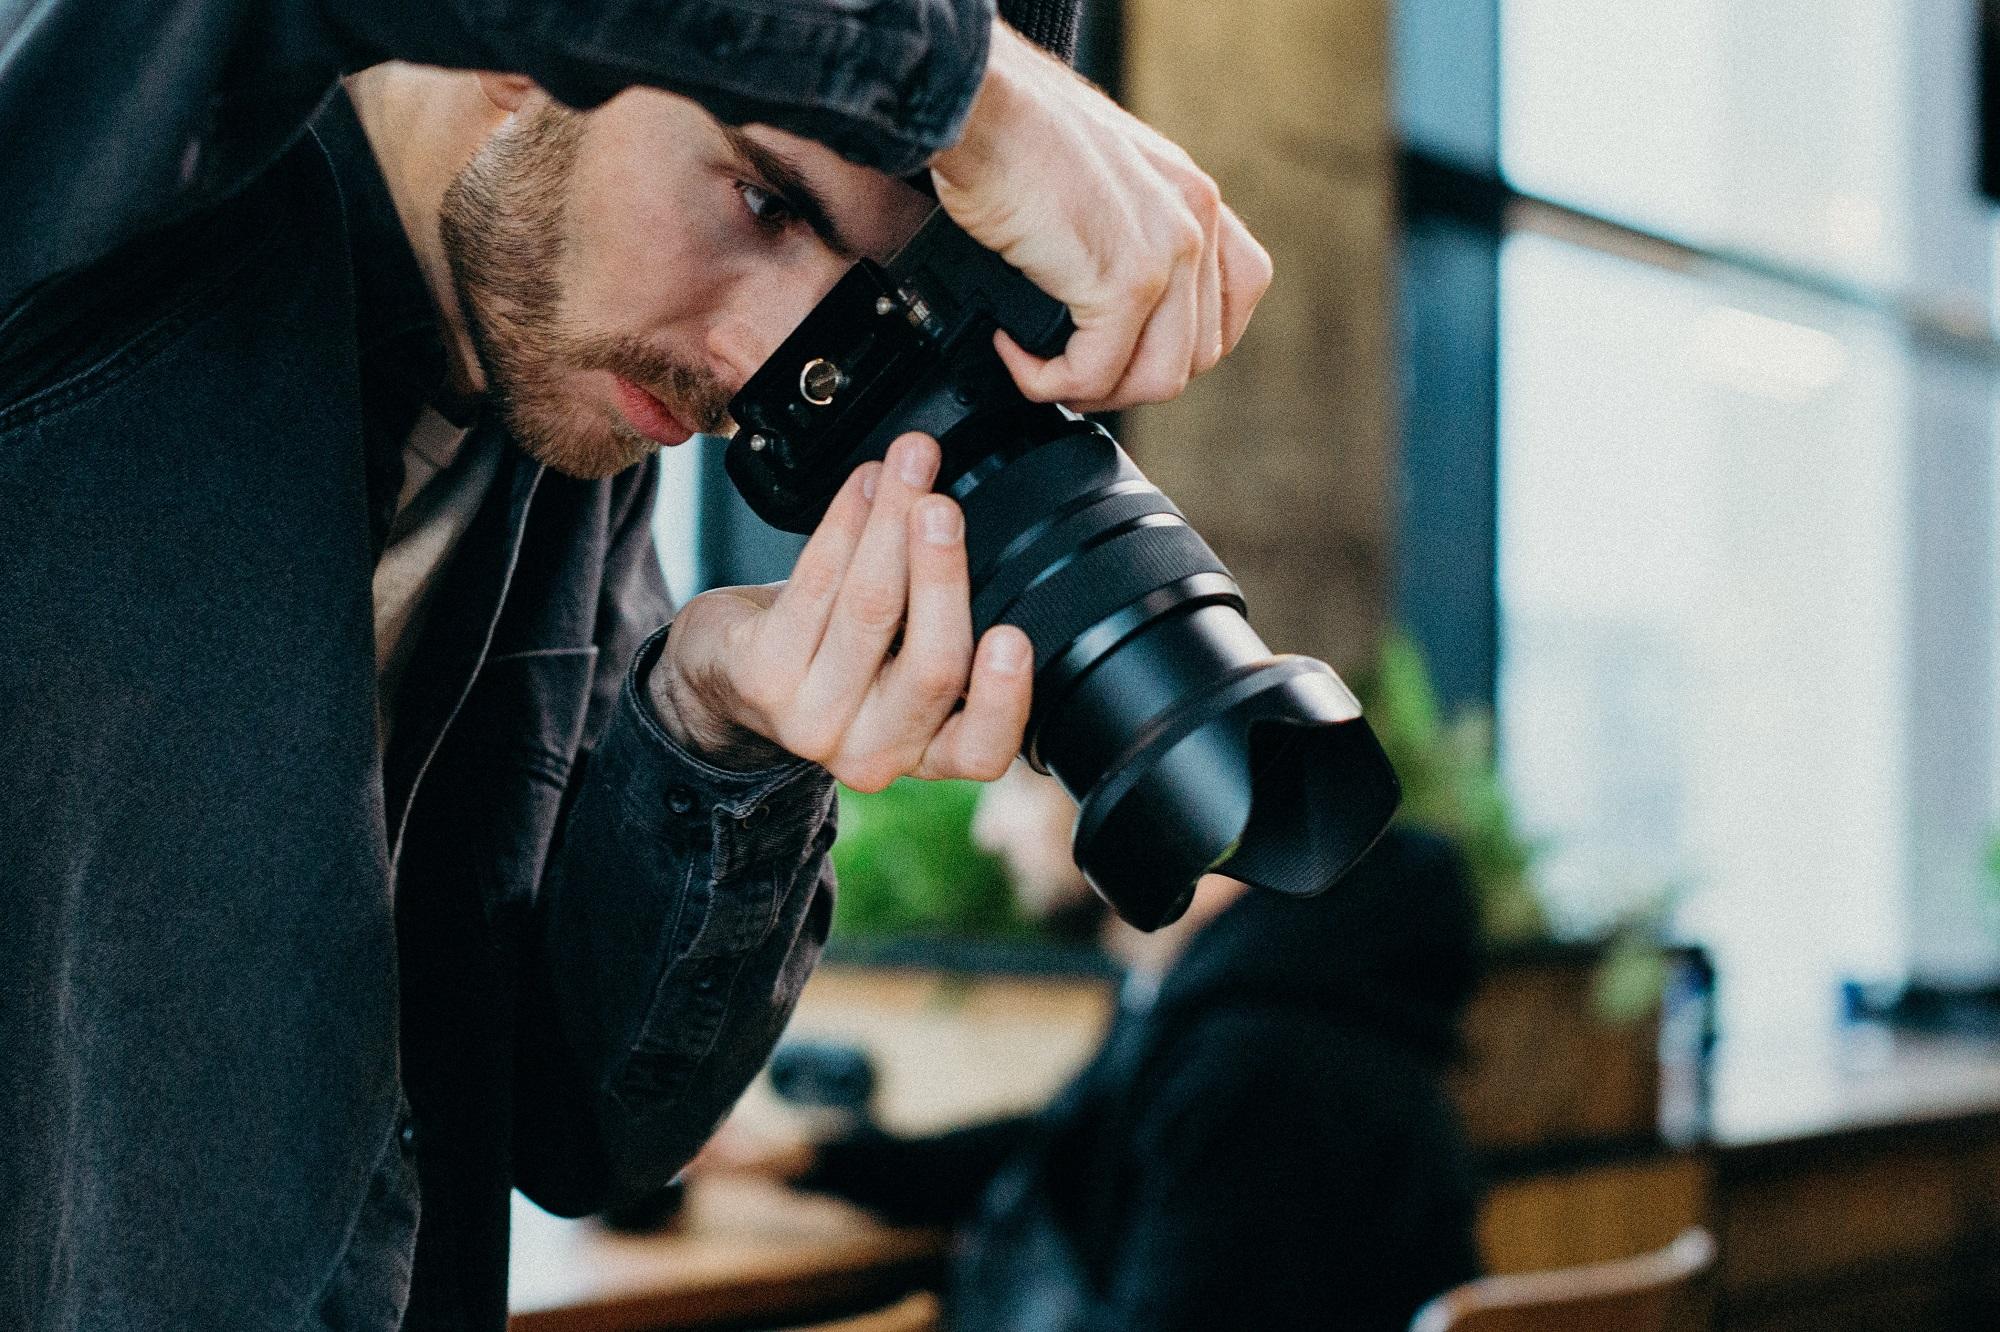 Curso de Fotografia vale a pena? Saiba como escolher